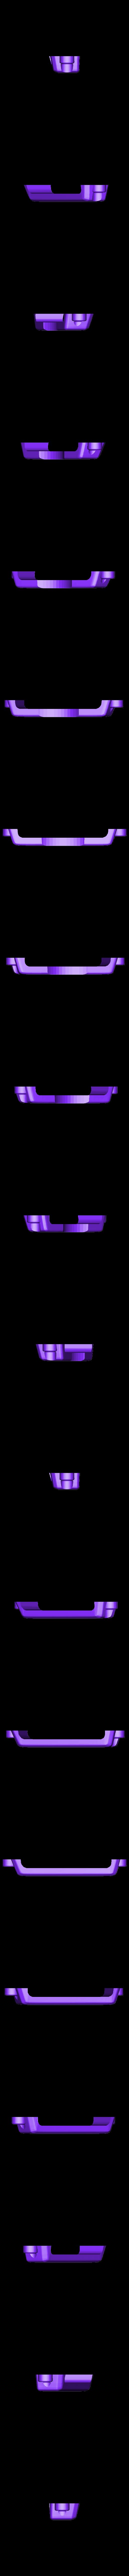 XAir_Bracket_L.stl Download free STL file DJI FPV Goggles X-Air Faceplate integration • Design to 3D print, JTR1